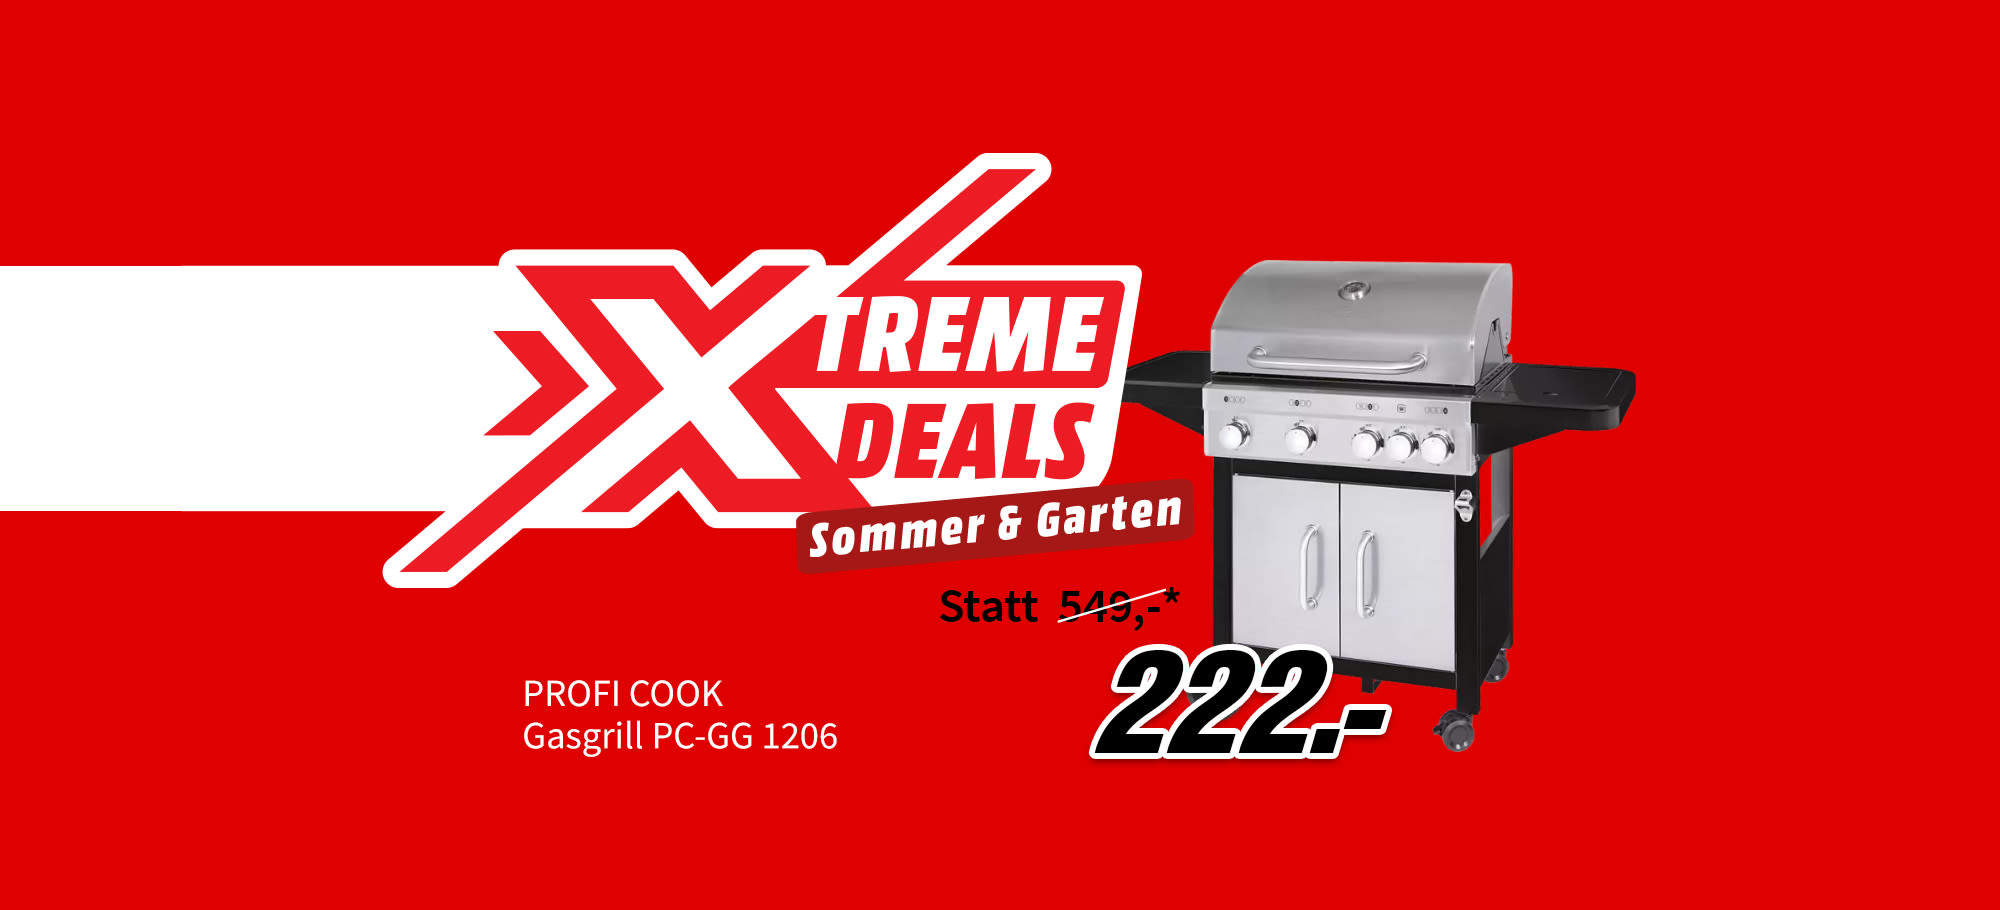 X-Treme Deals